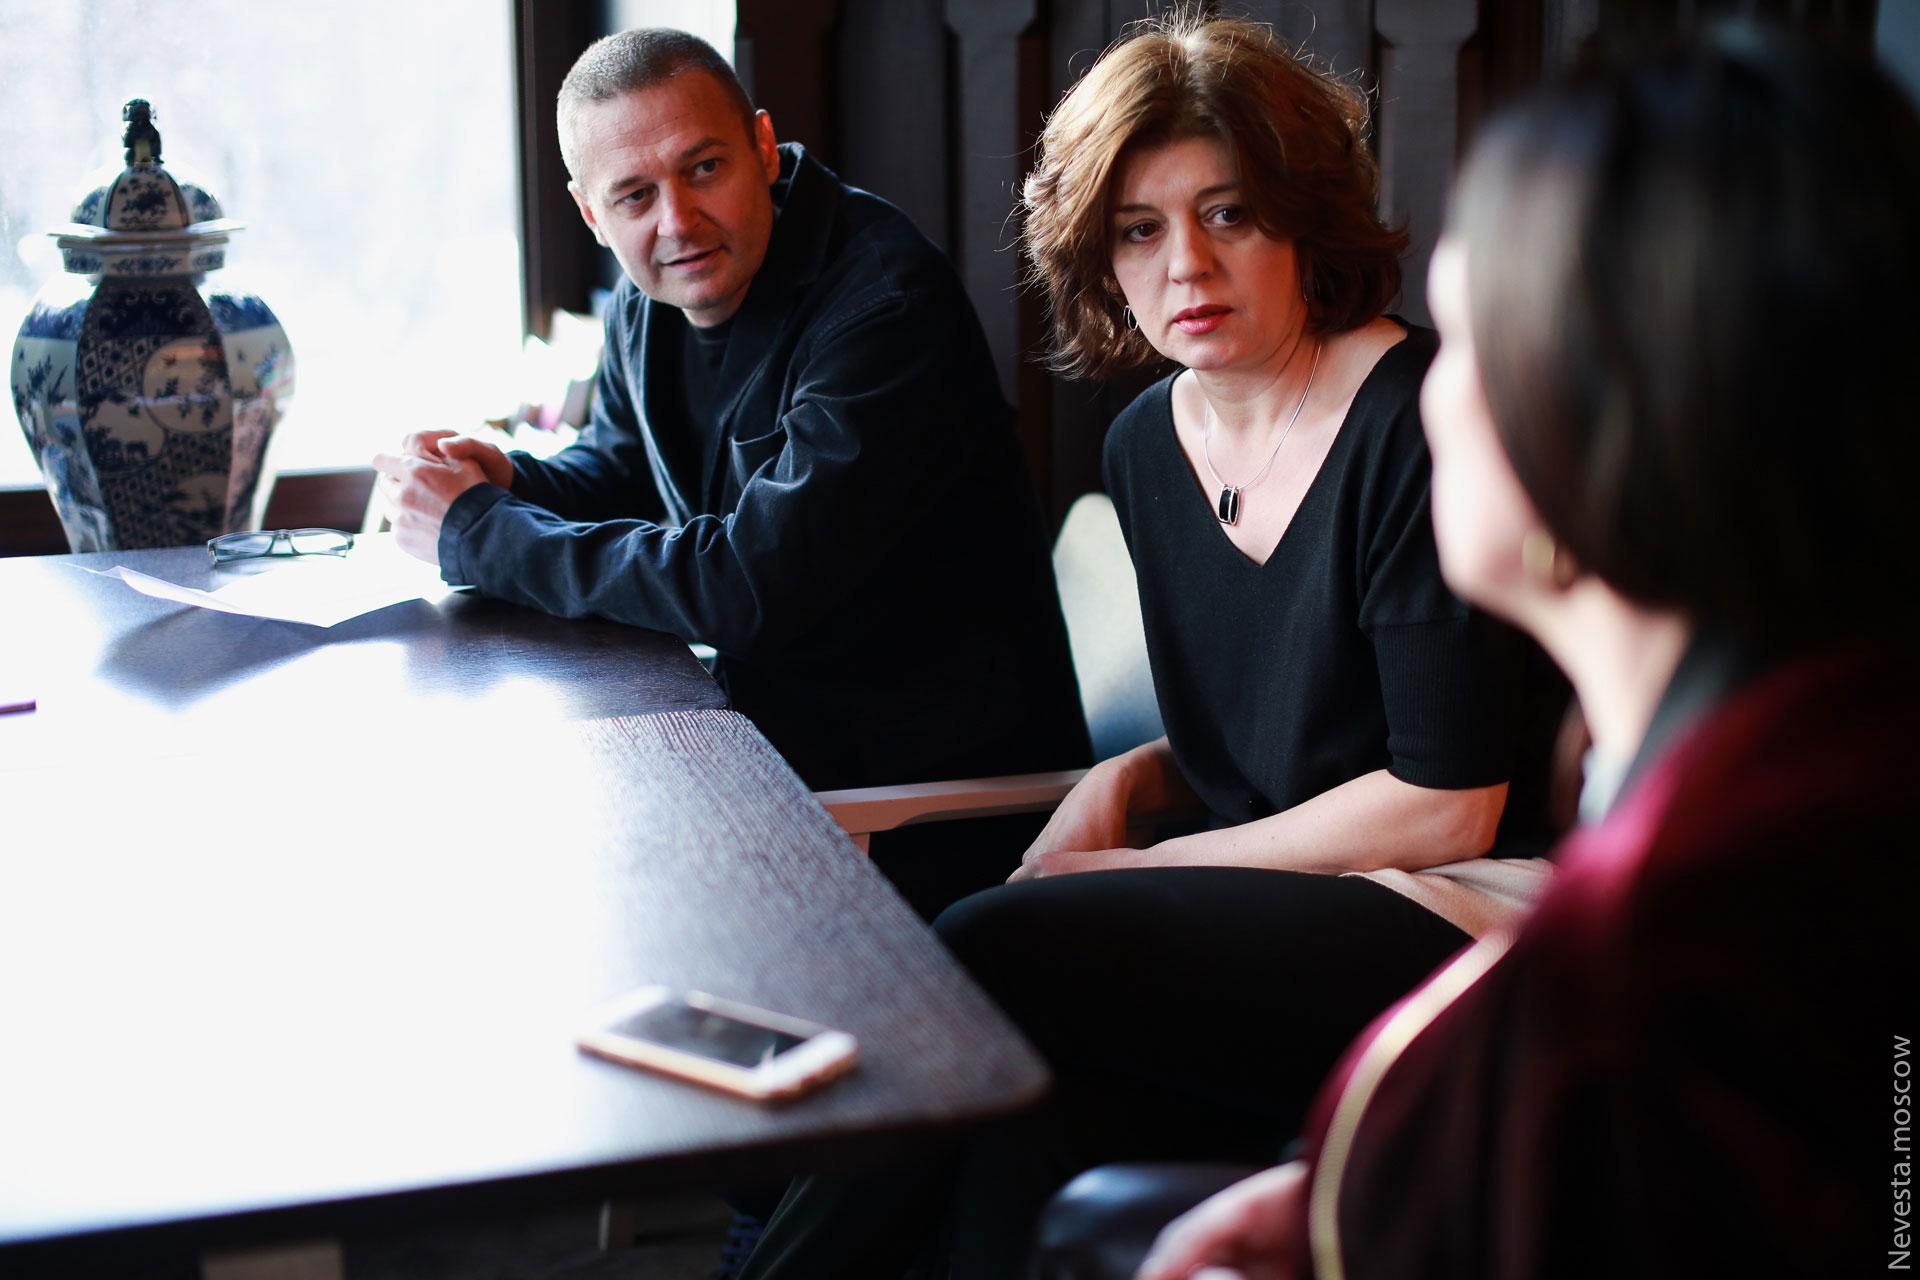 Декоратор Тамара Валенкова интервью фото 17